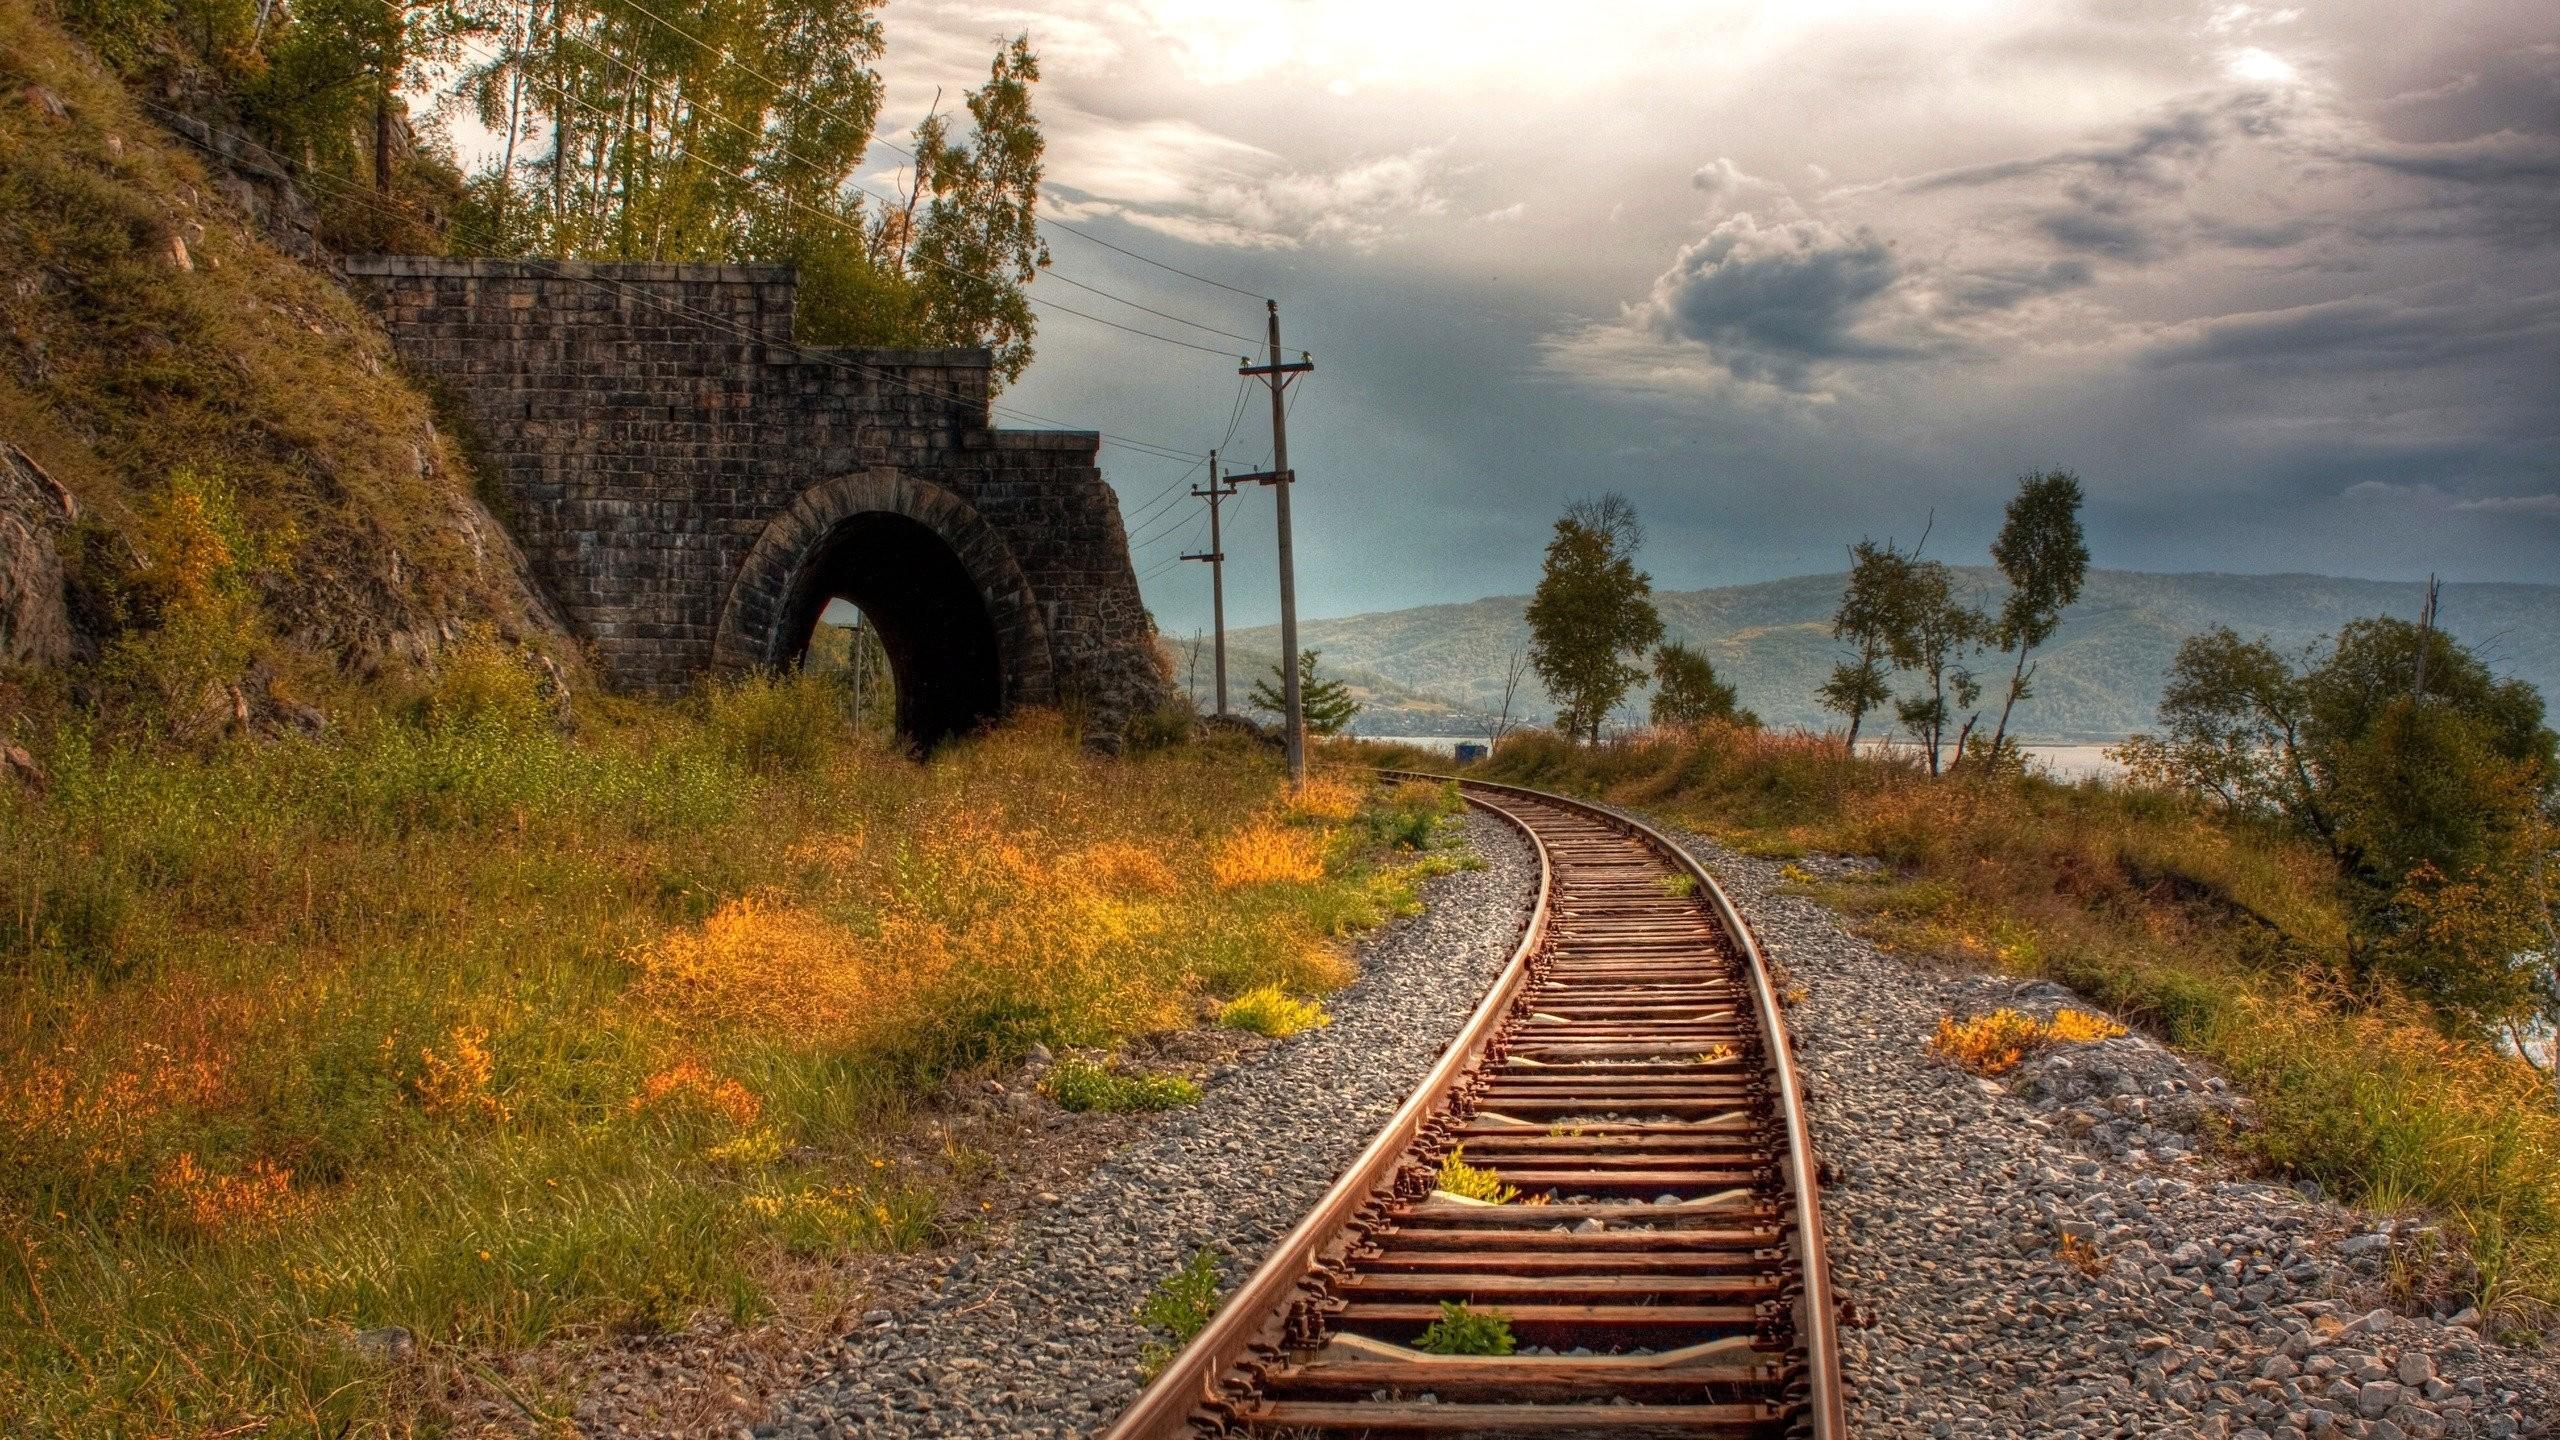 качественные фото железной дороги несколько основных